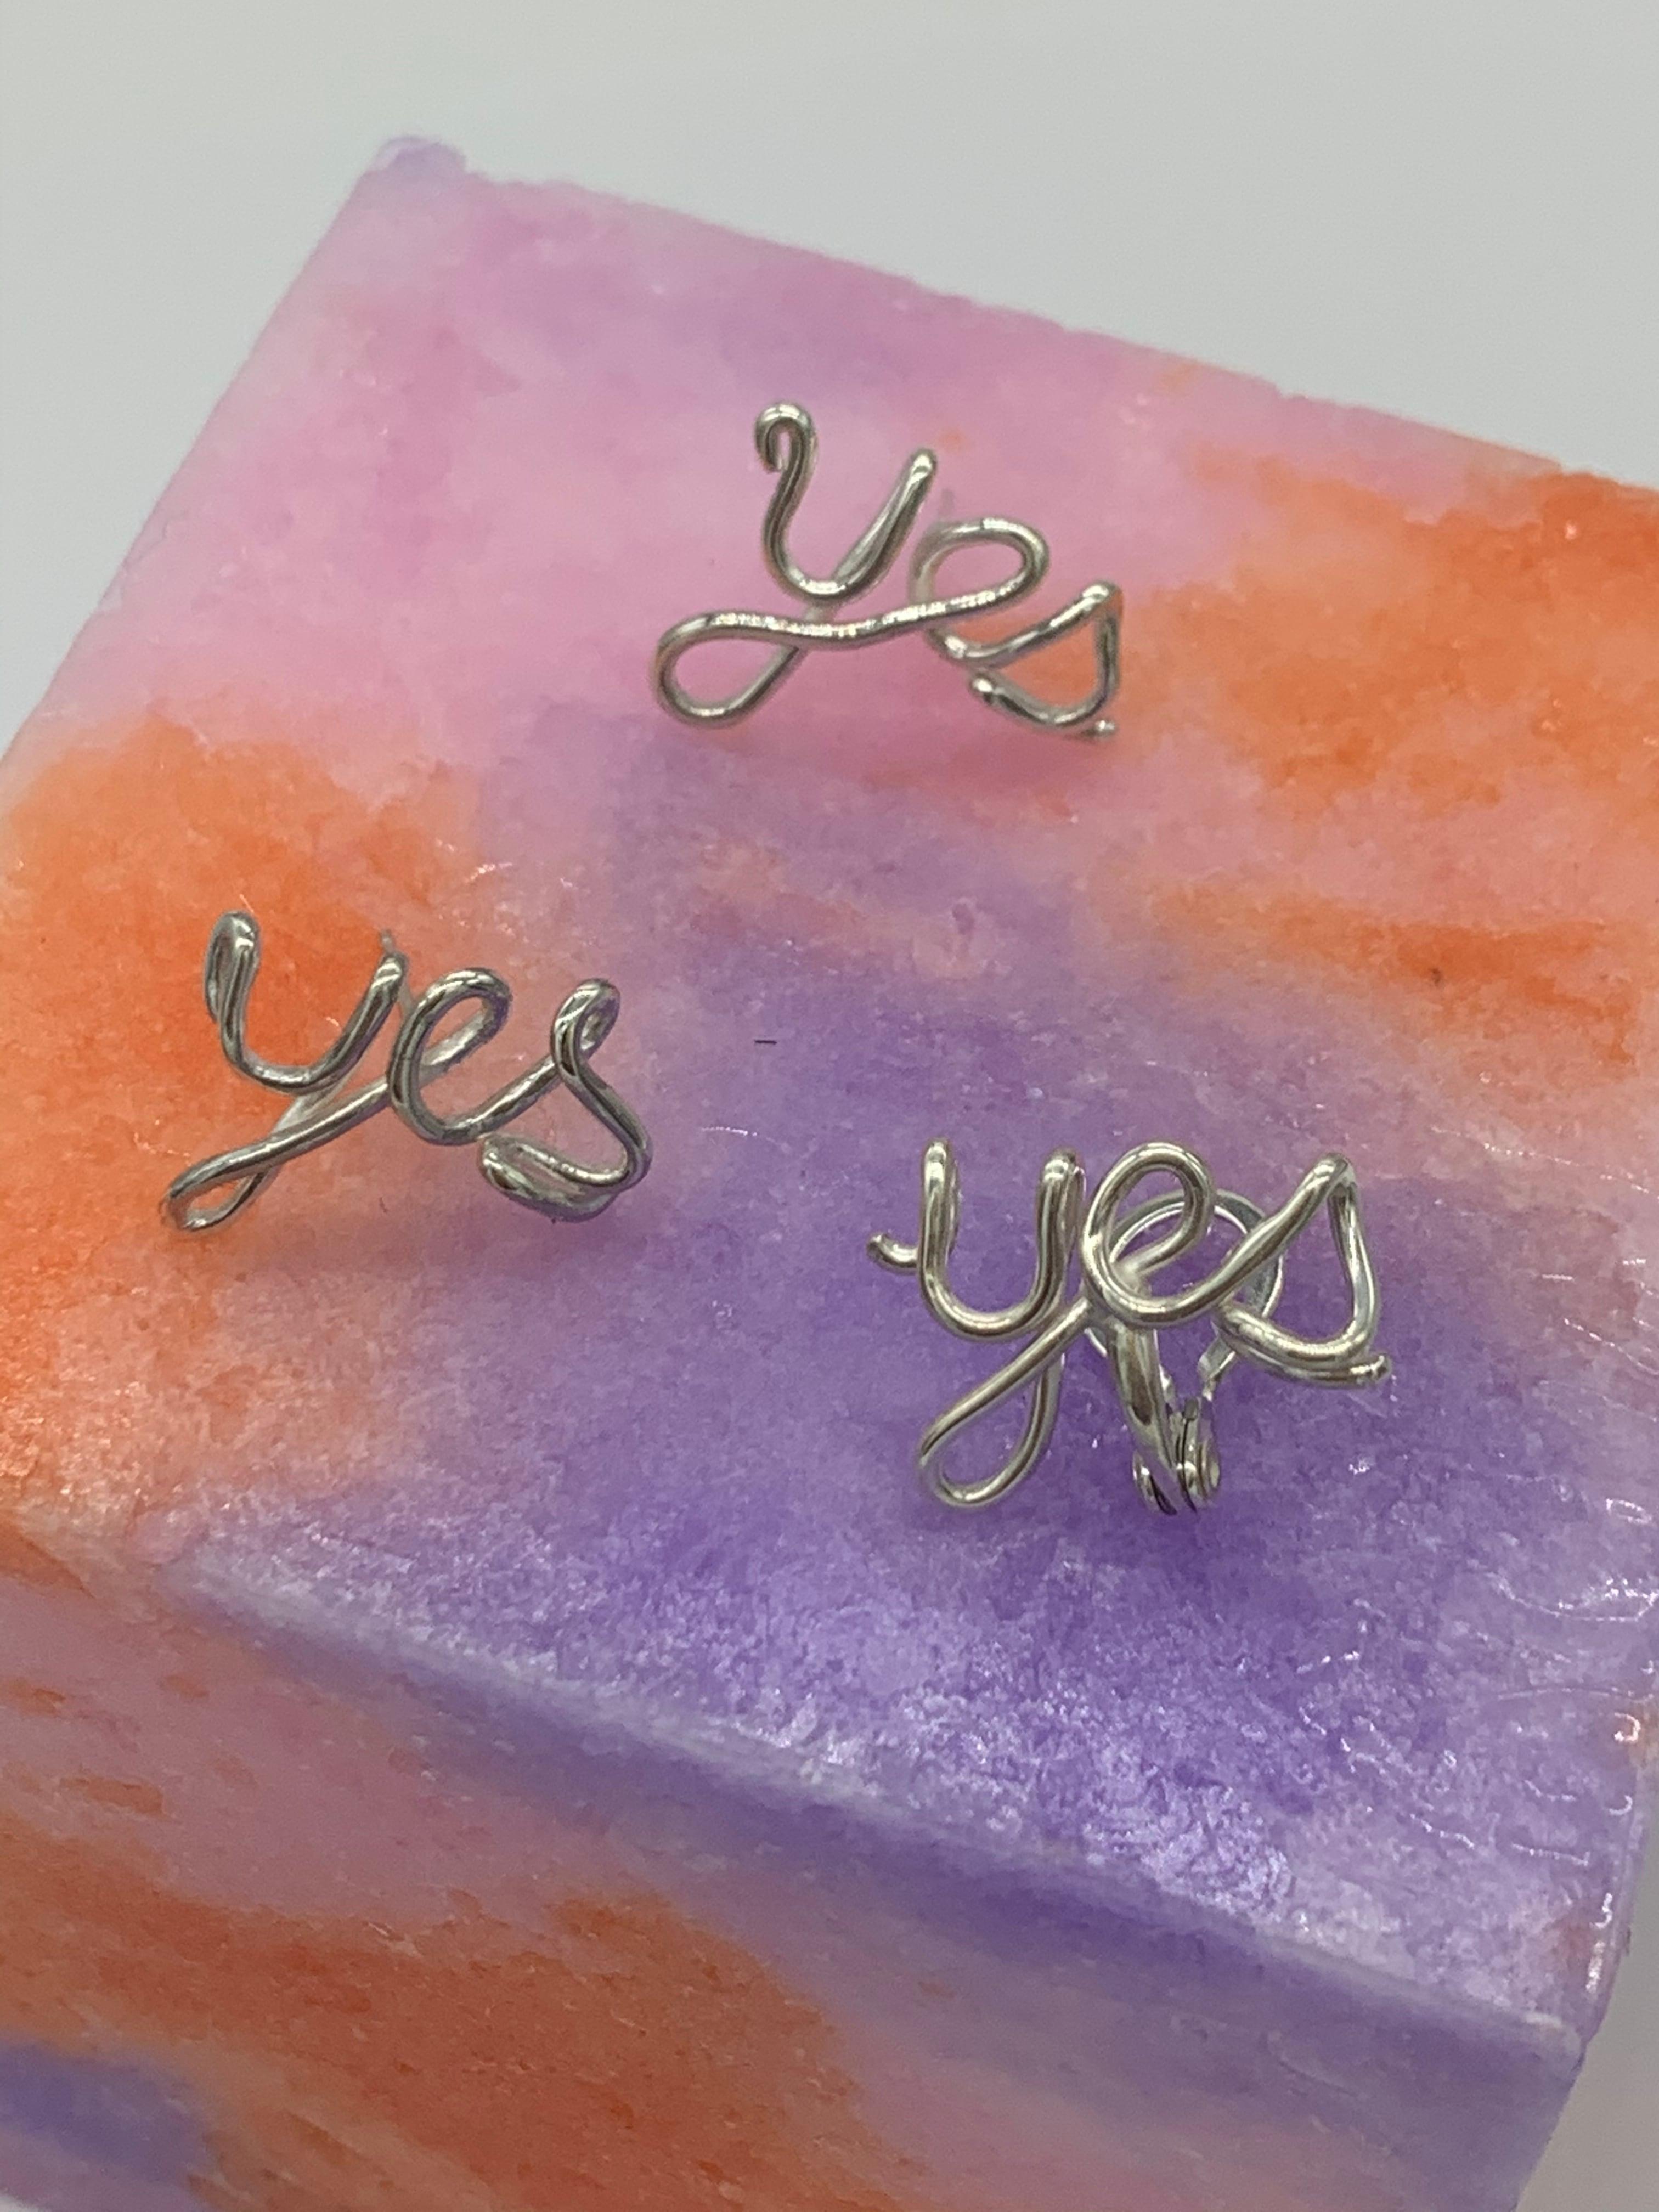 YES earrings